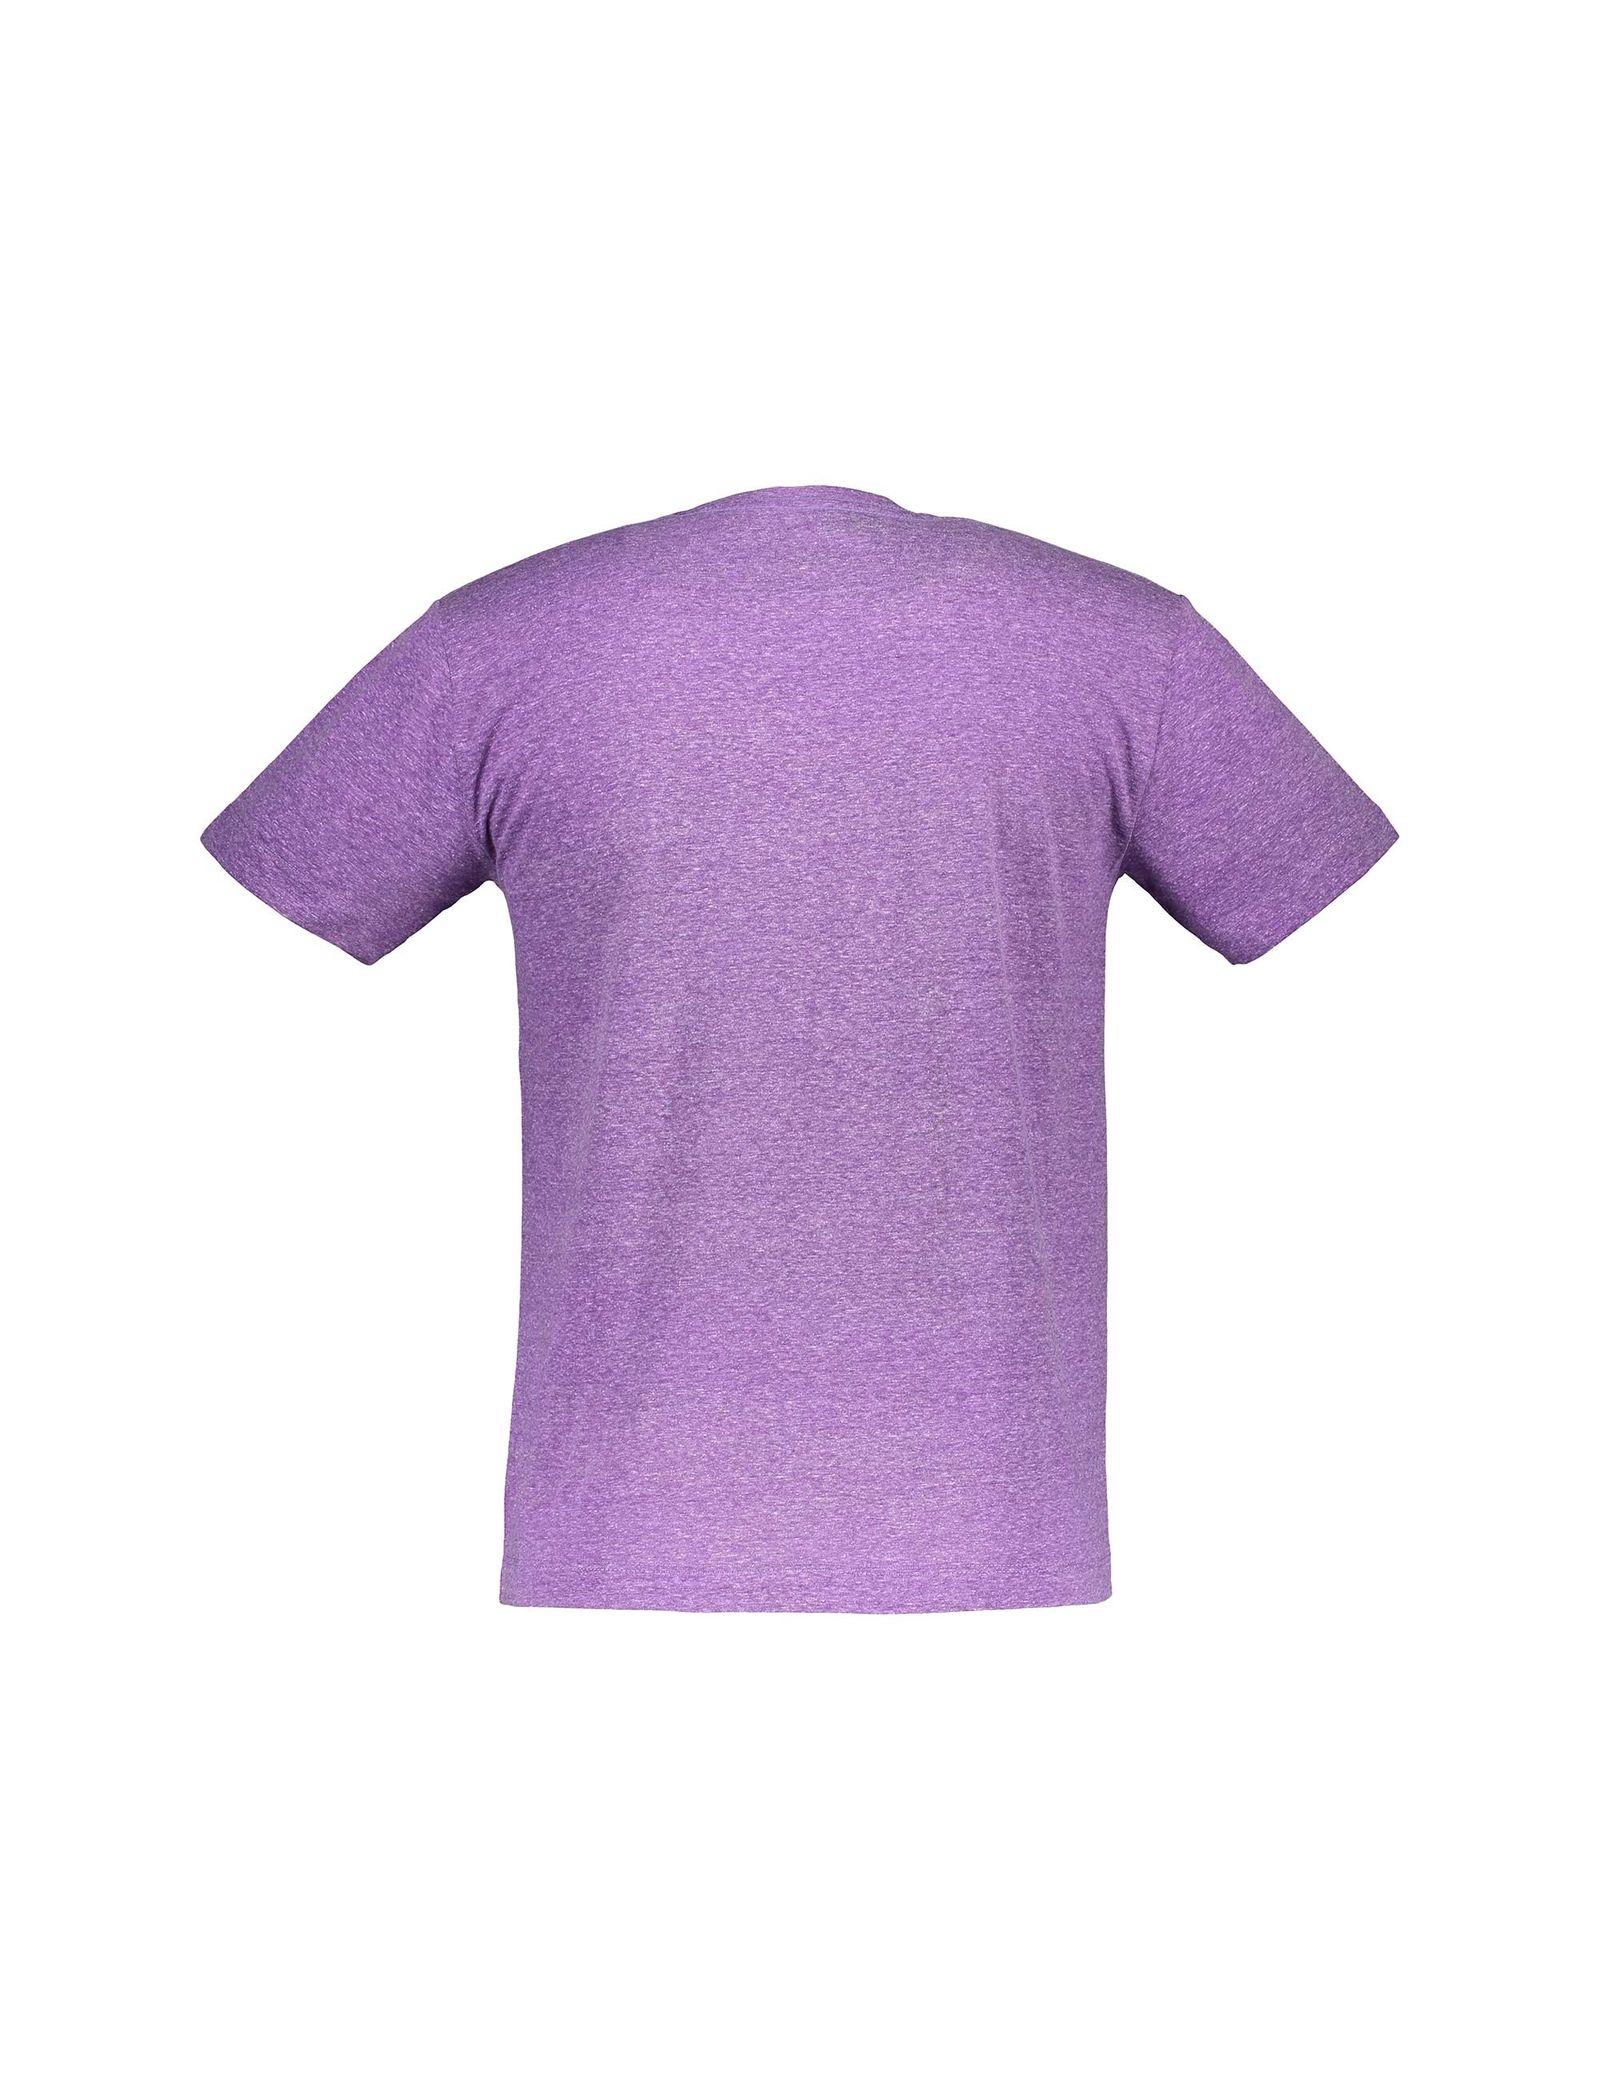 تی شرت یقه گرد مردانه - متی - بنفش - 2